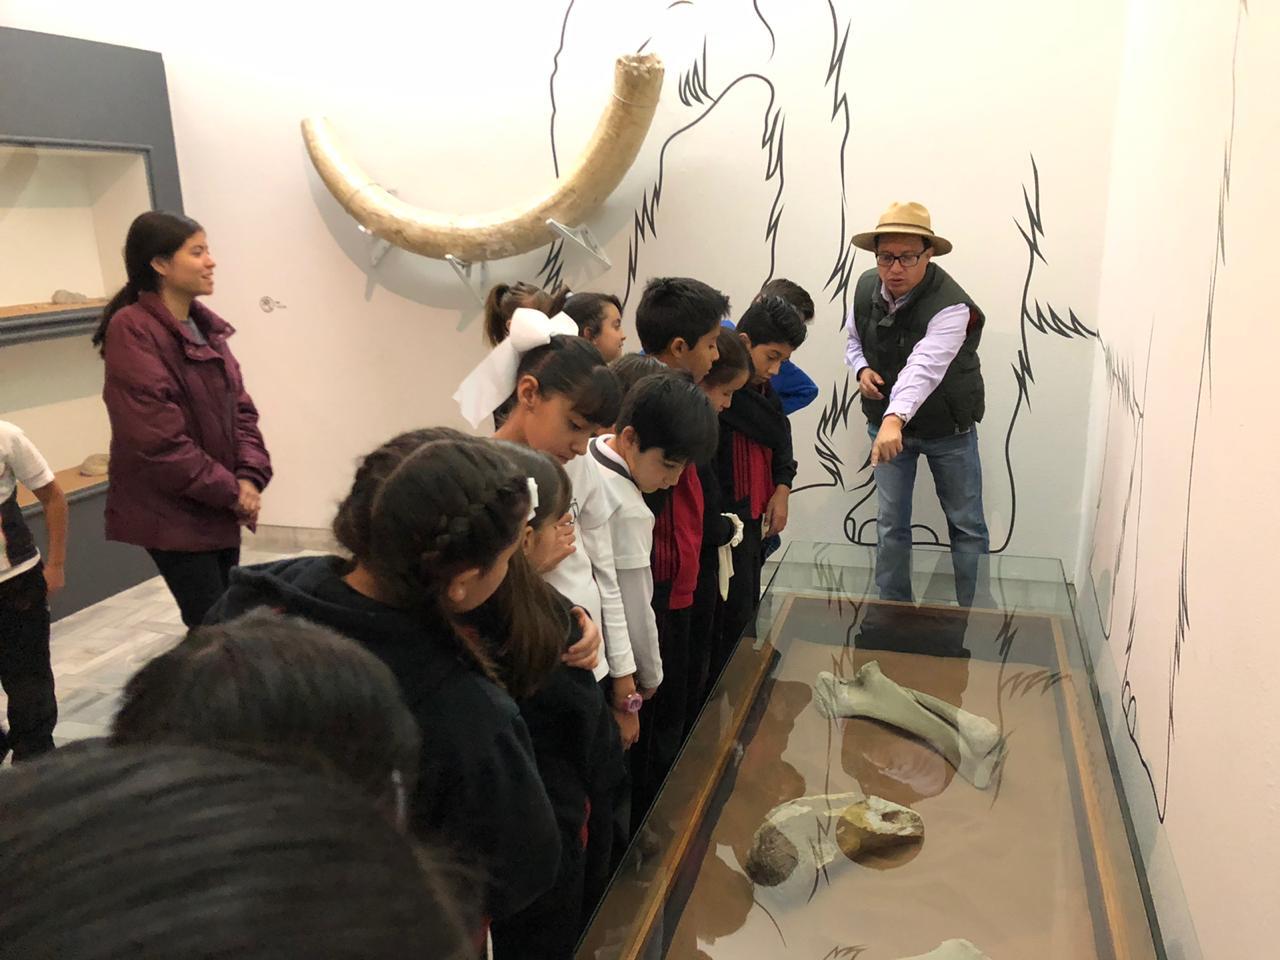 Recorridos guiados los miércoles del mes en el Museo Francisco Cossío